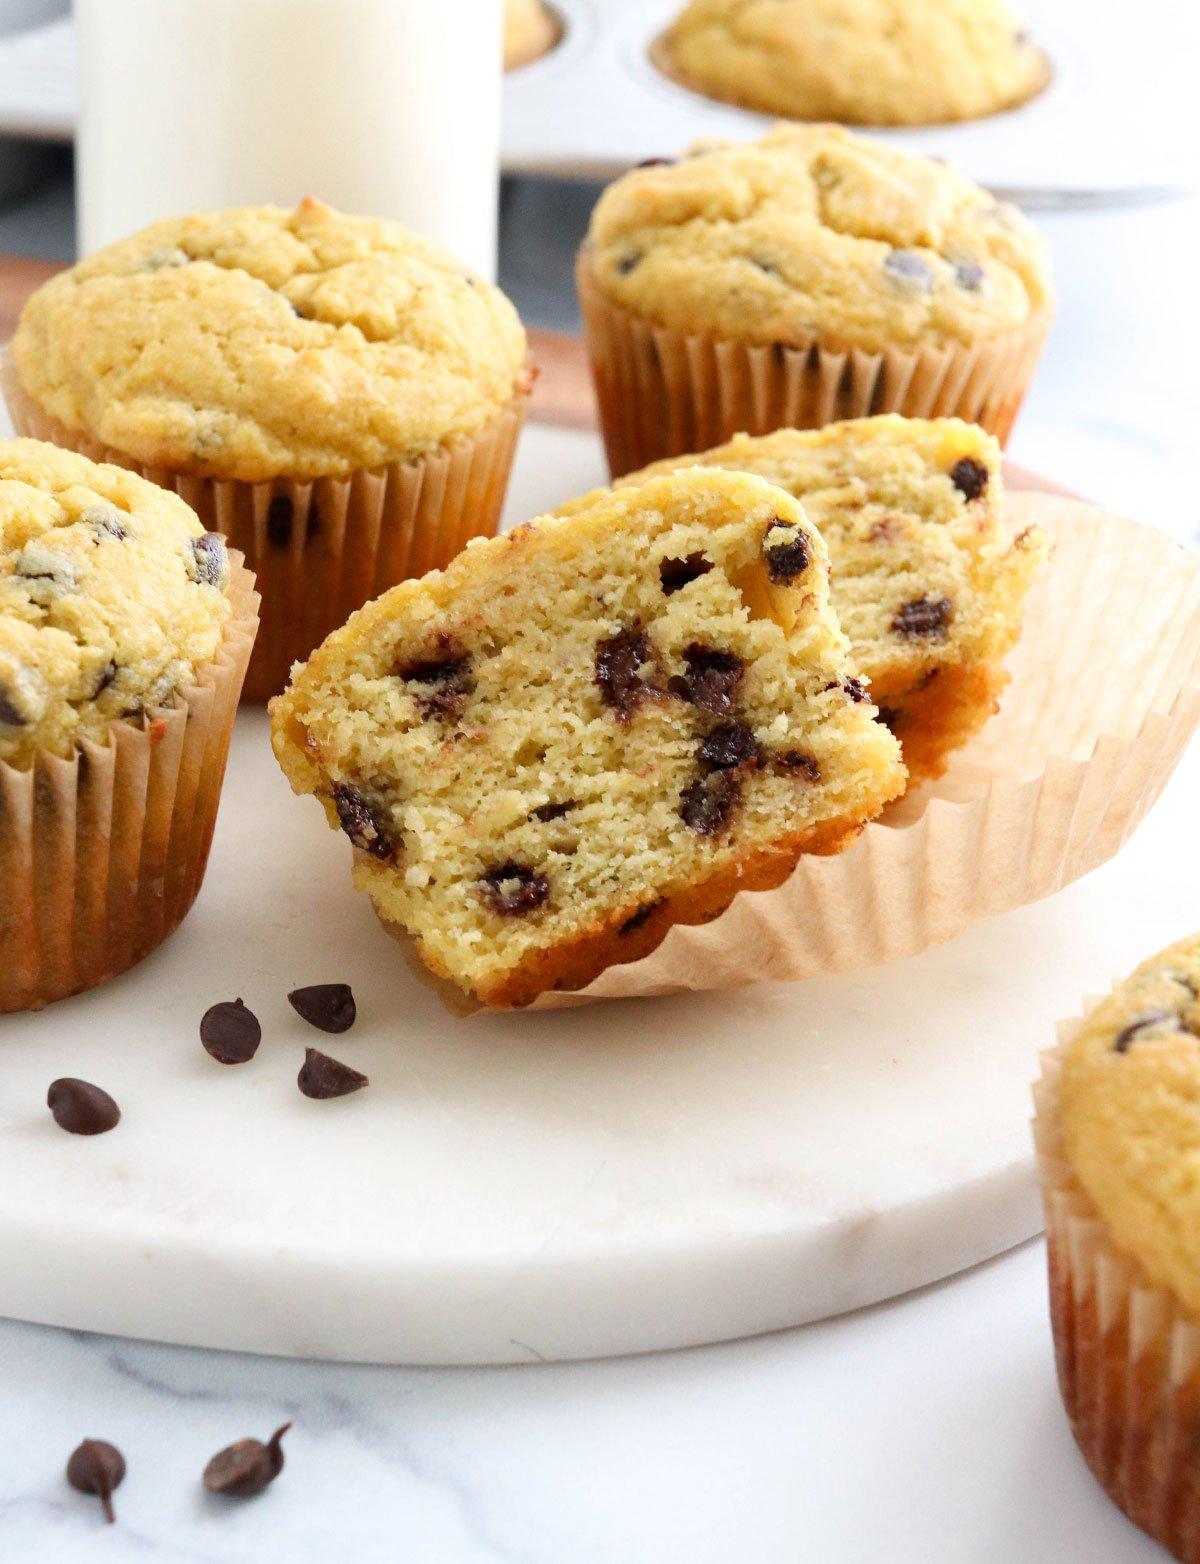 almond flour muffin cut in half